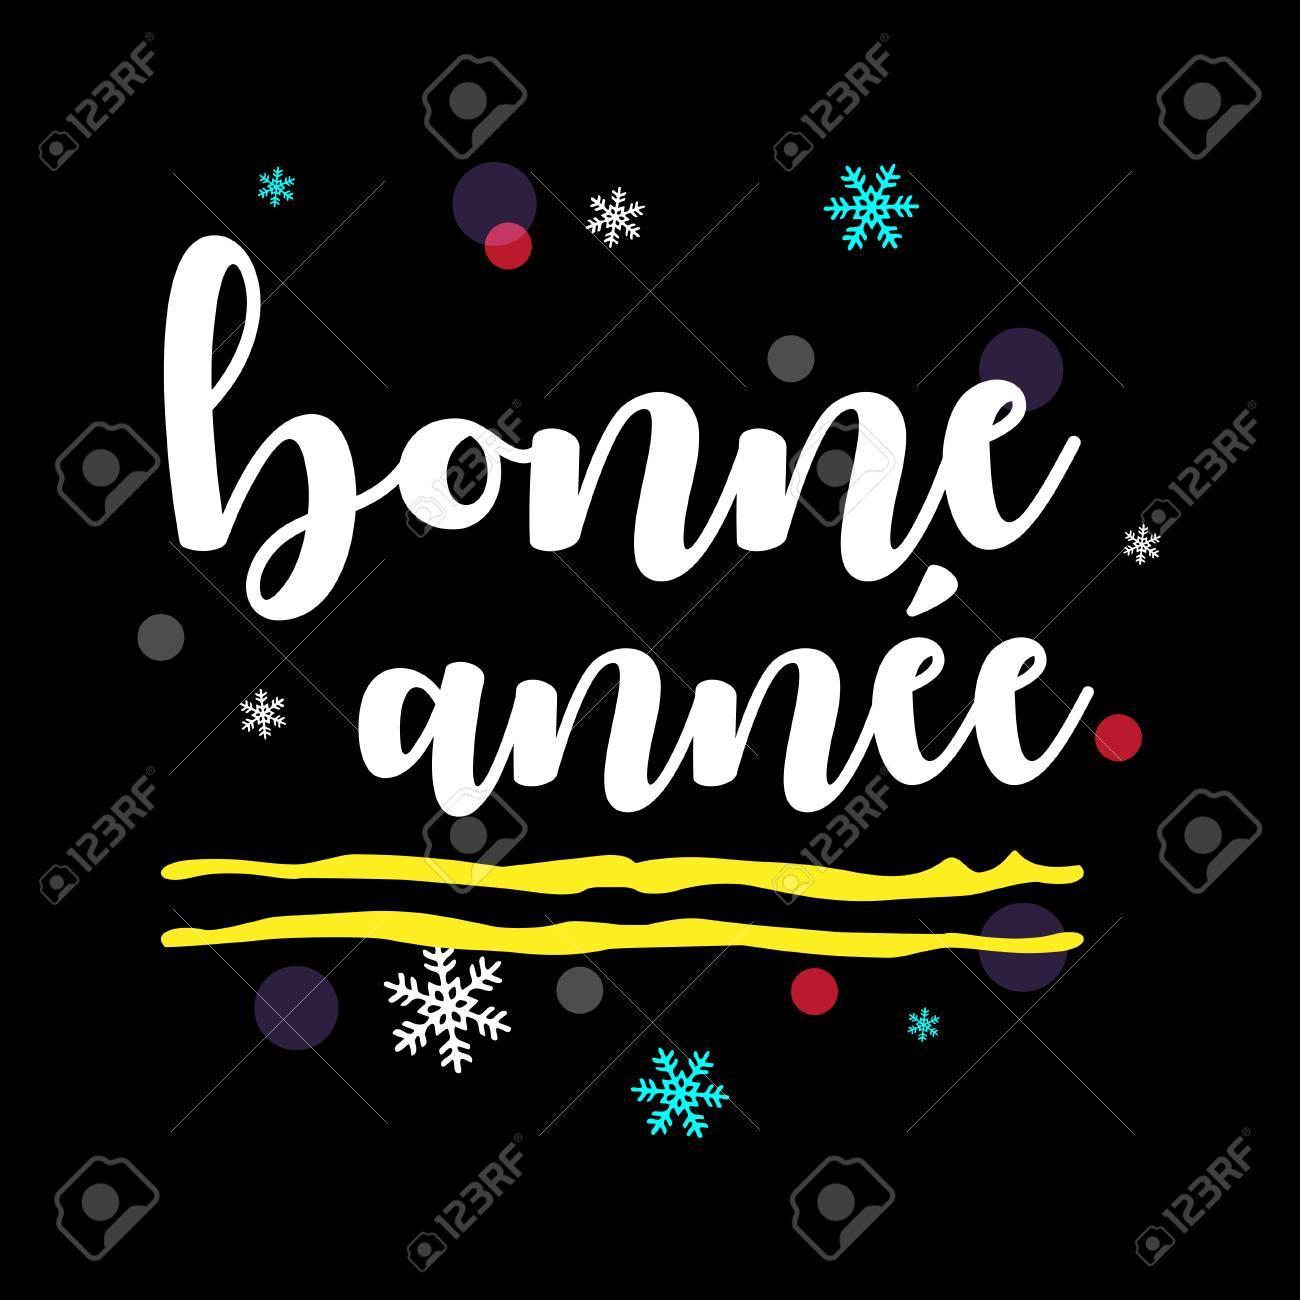 おめでとう フランス語 あけまして あけましておめでとう を